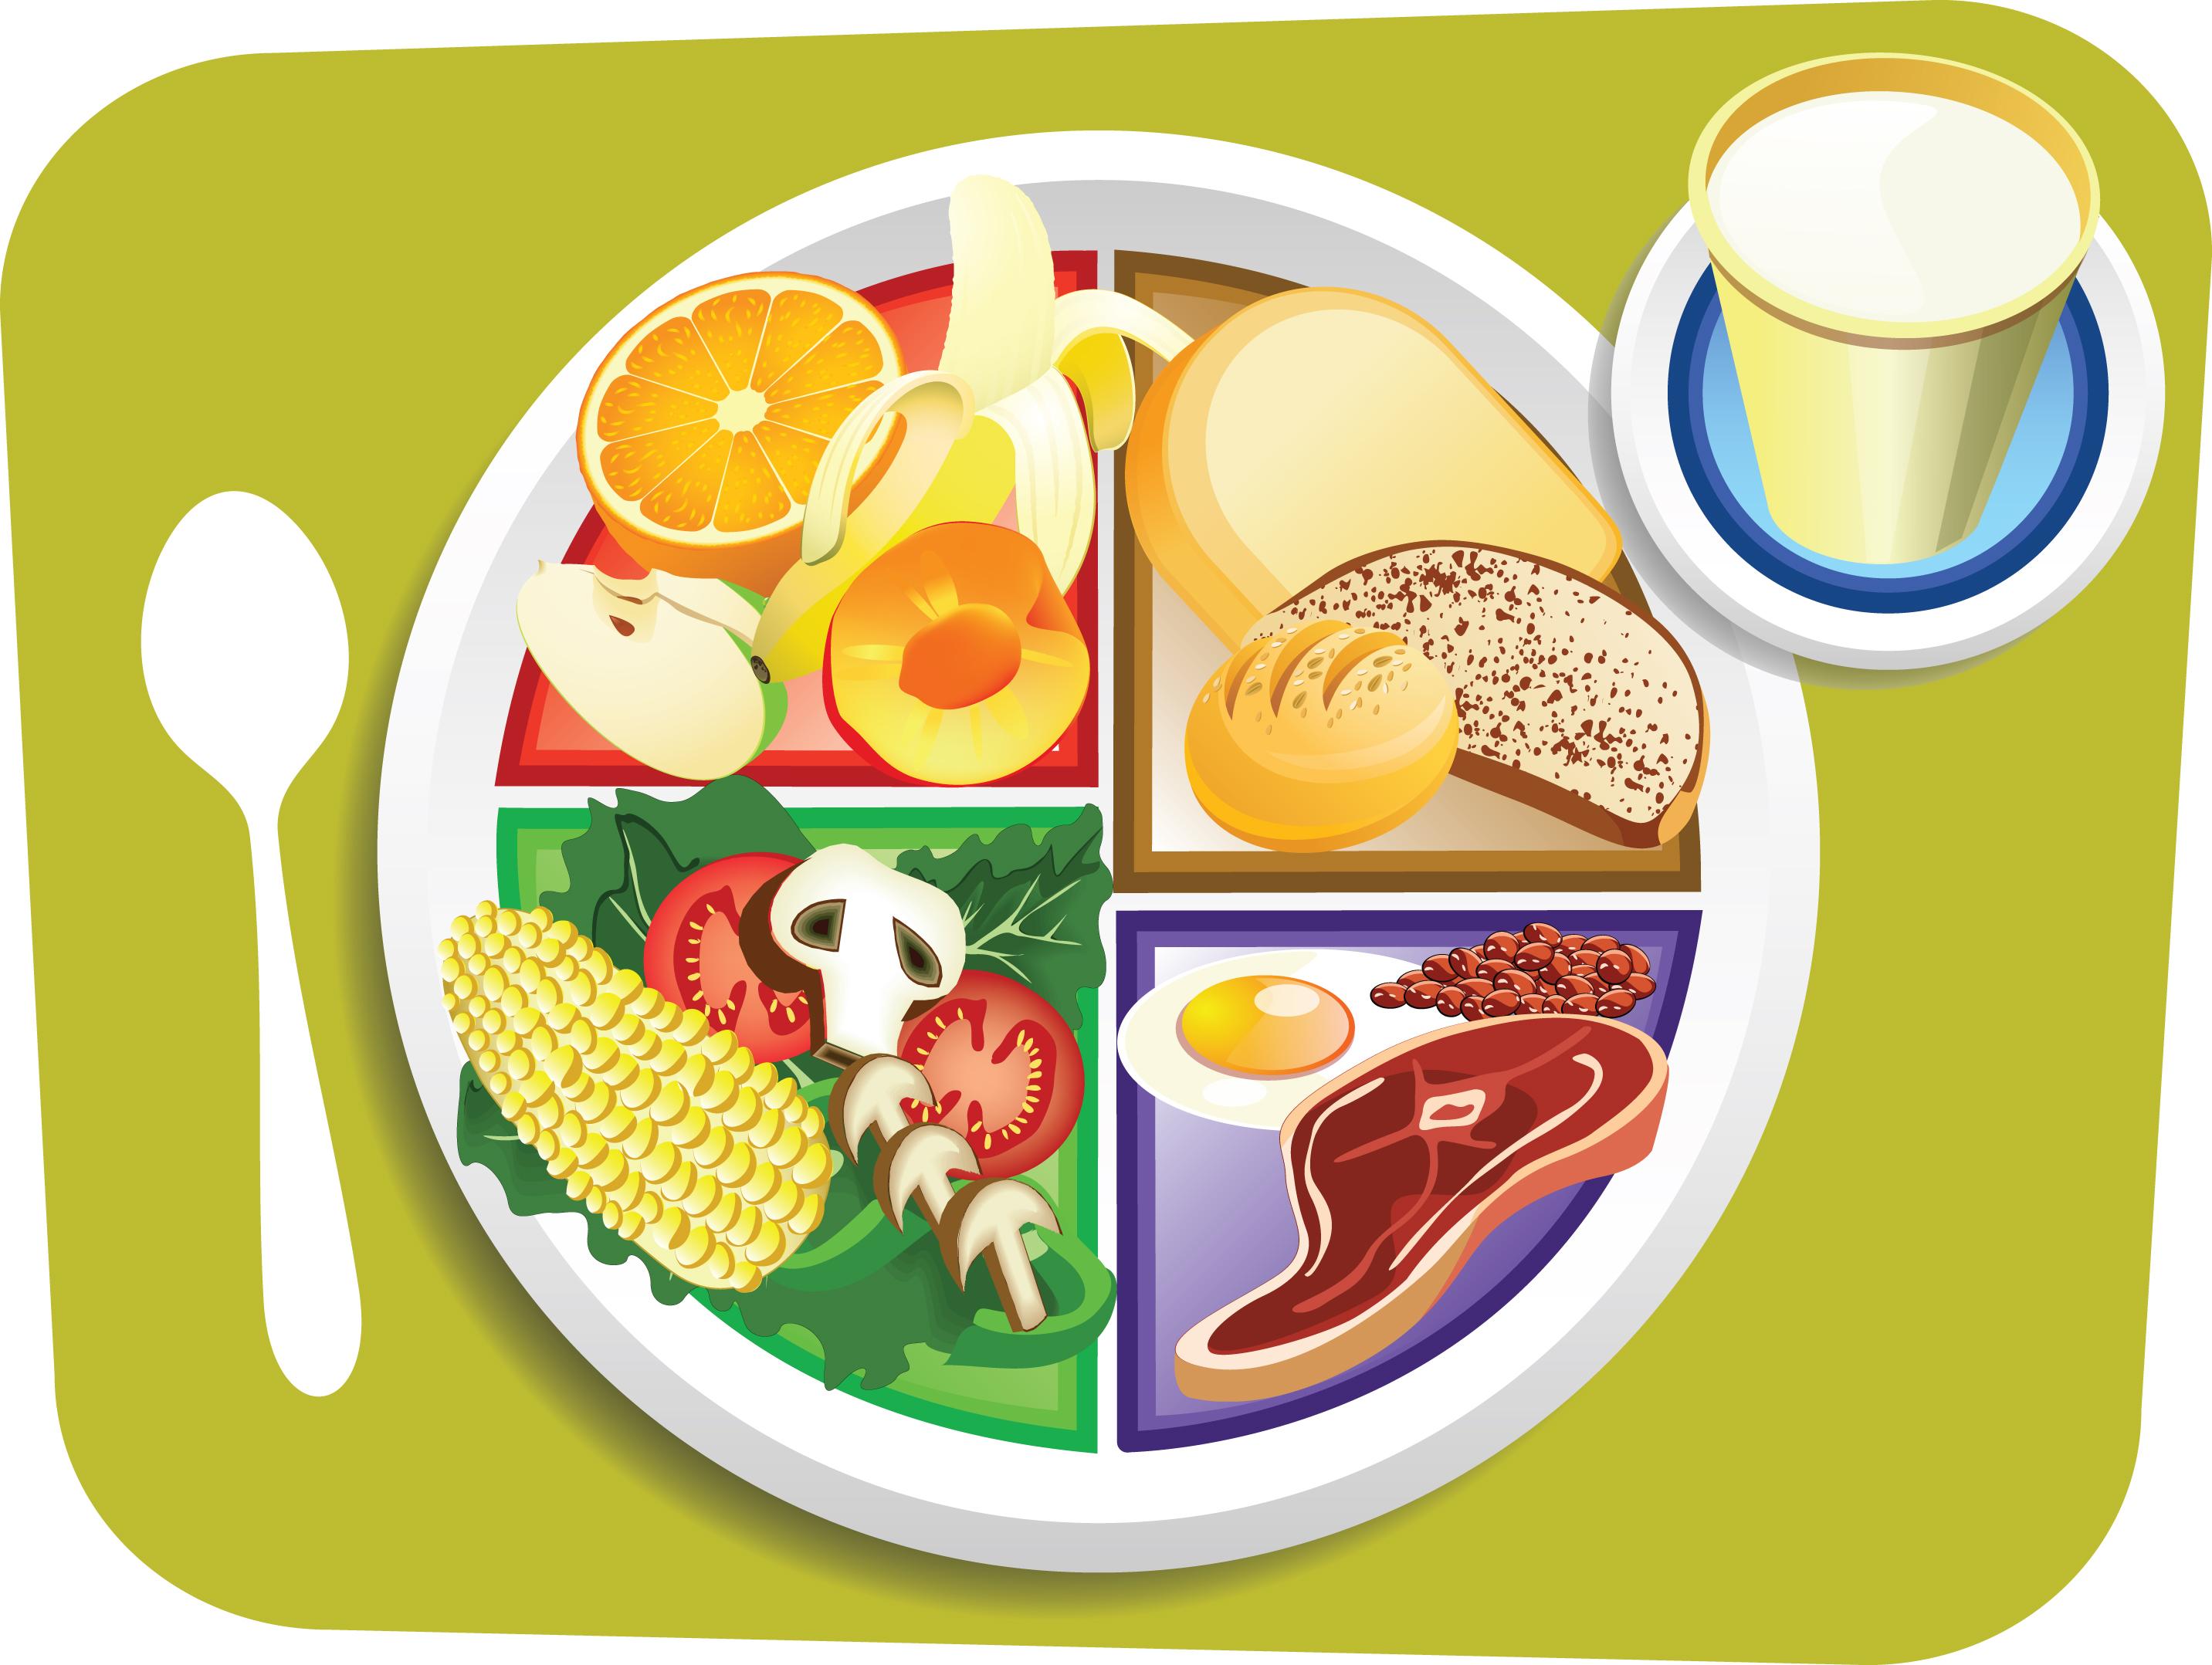 Gluten Free Gm Wheat Can Help Celiac Patients Biology